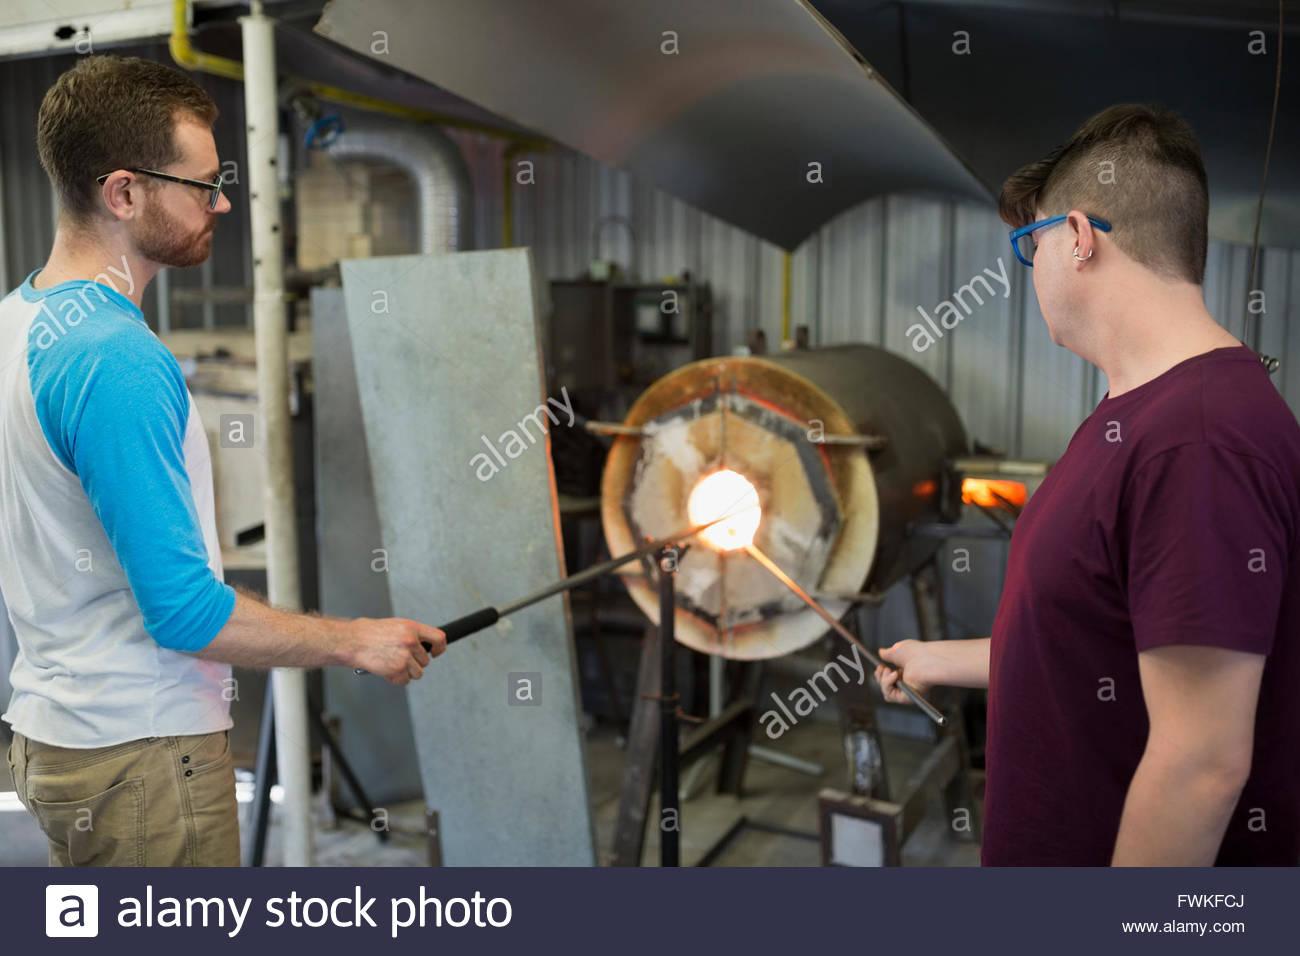 Les tiges de souffleurs de chauffage à furnace in workshop Photo Stock